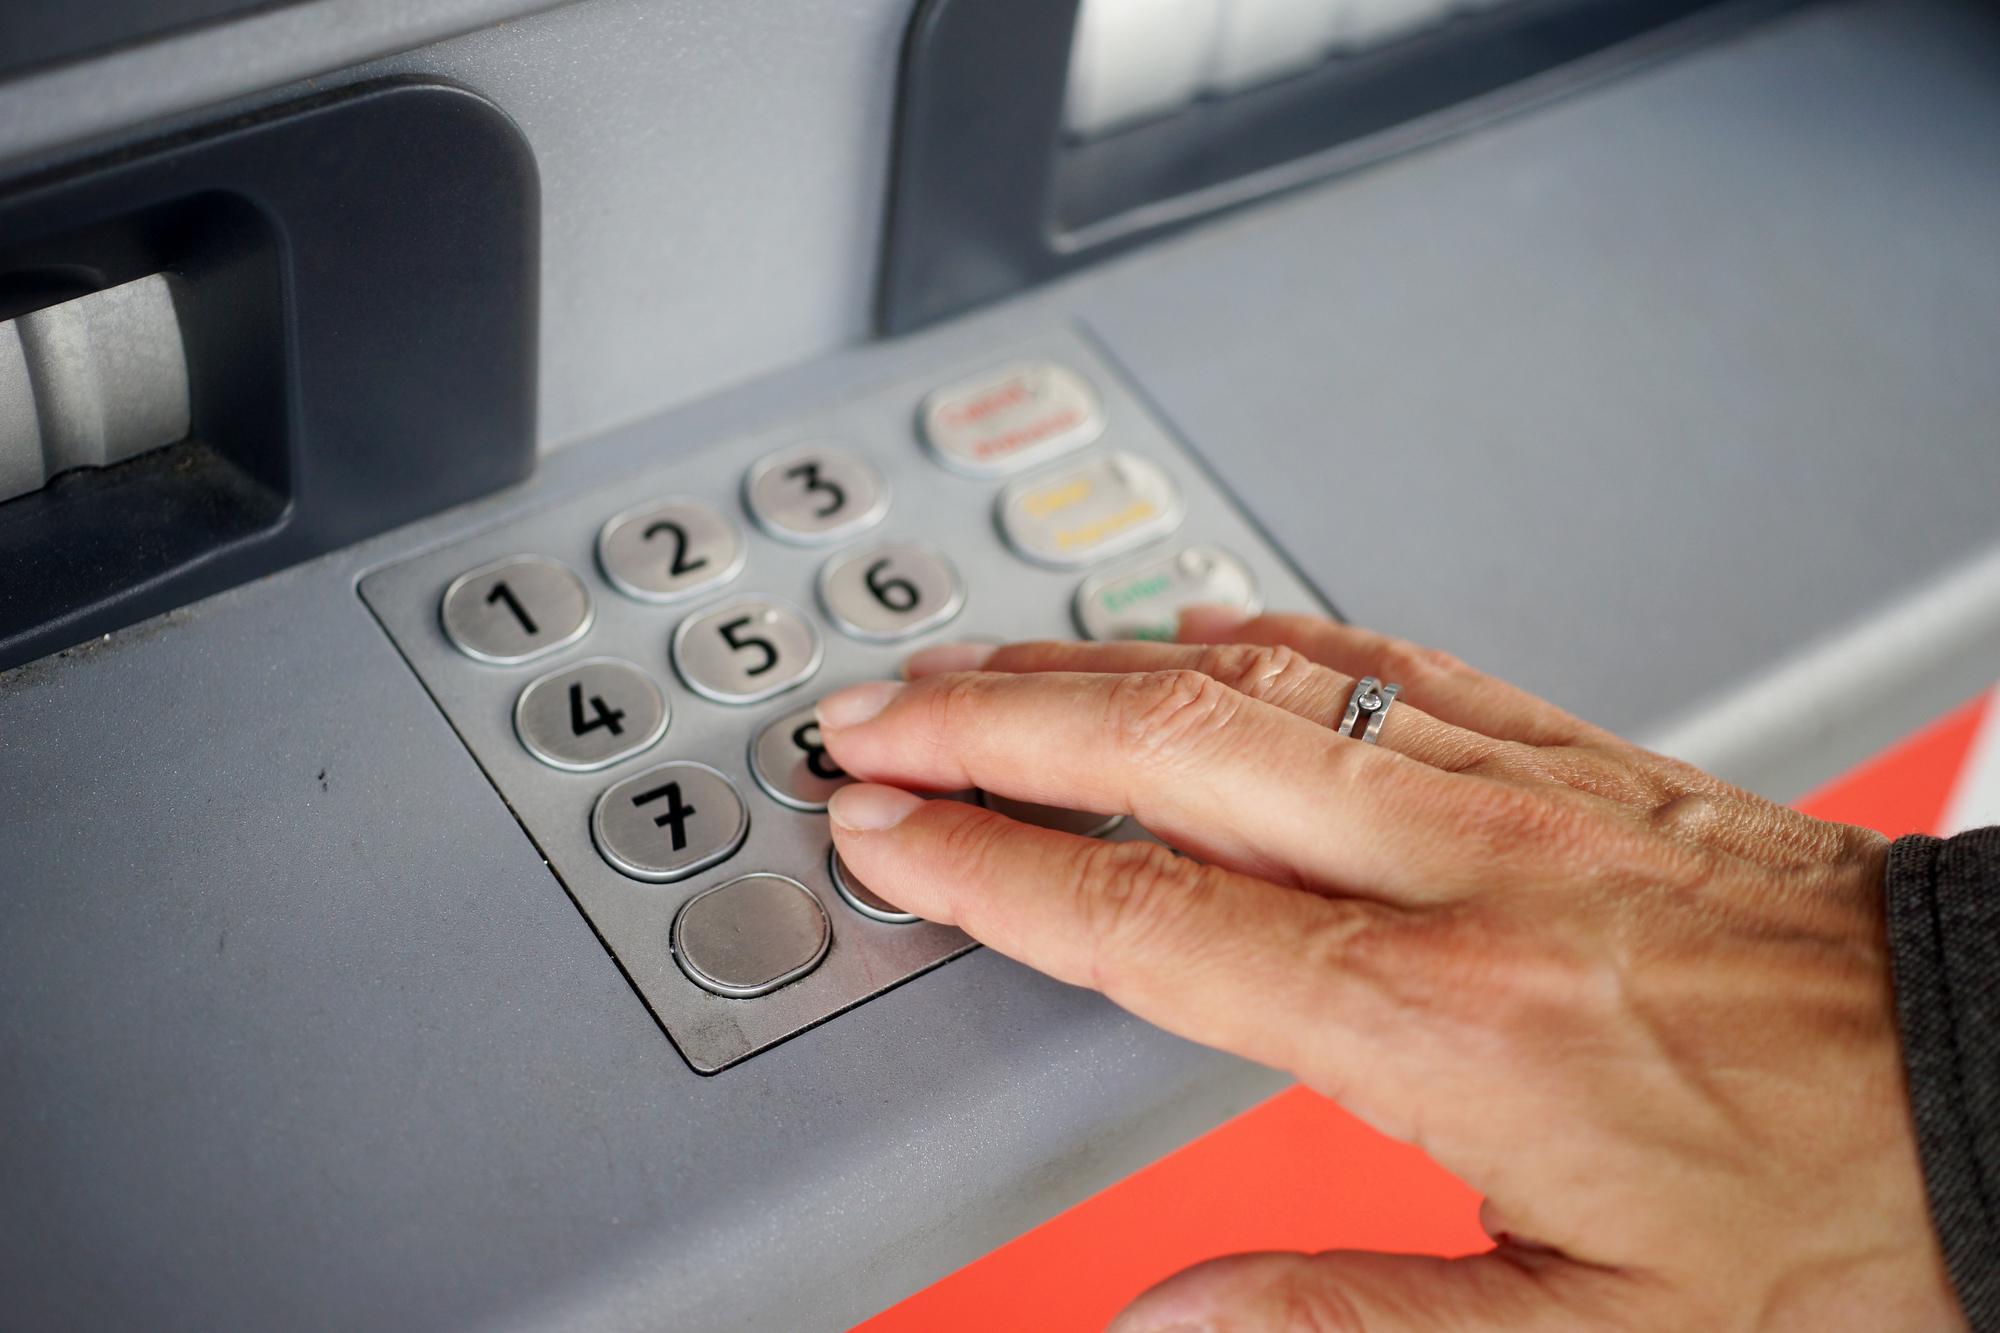 Prenos sredstev med računi preko bančnega avtomata